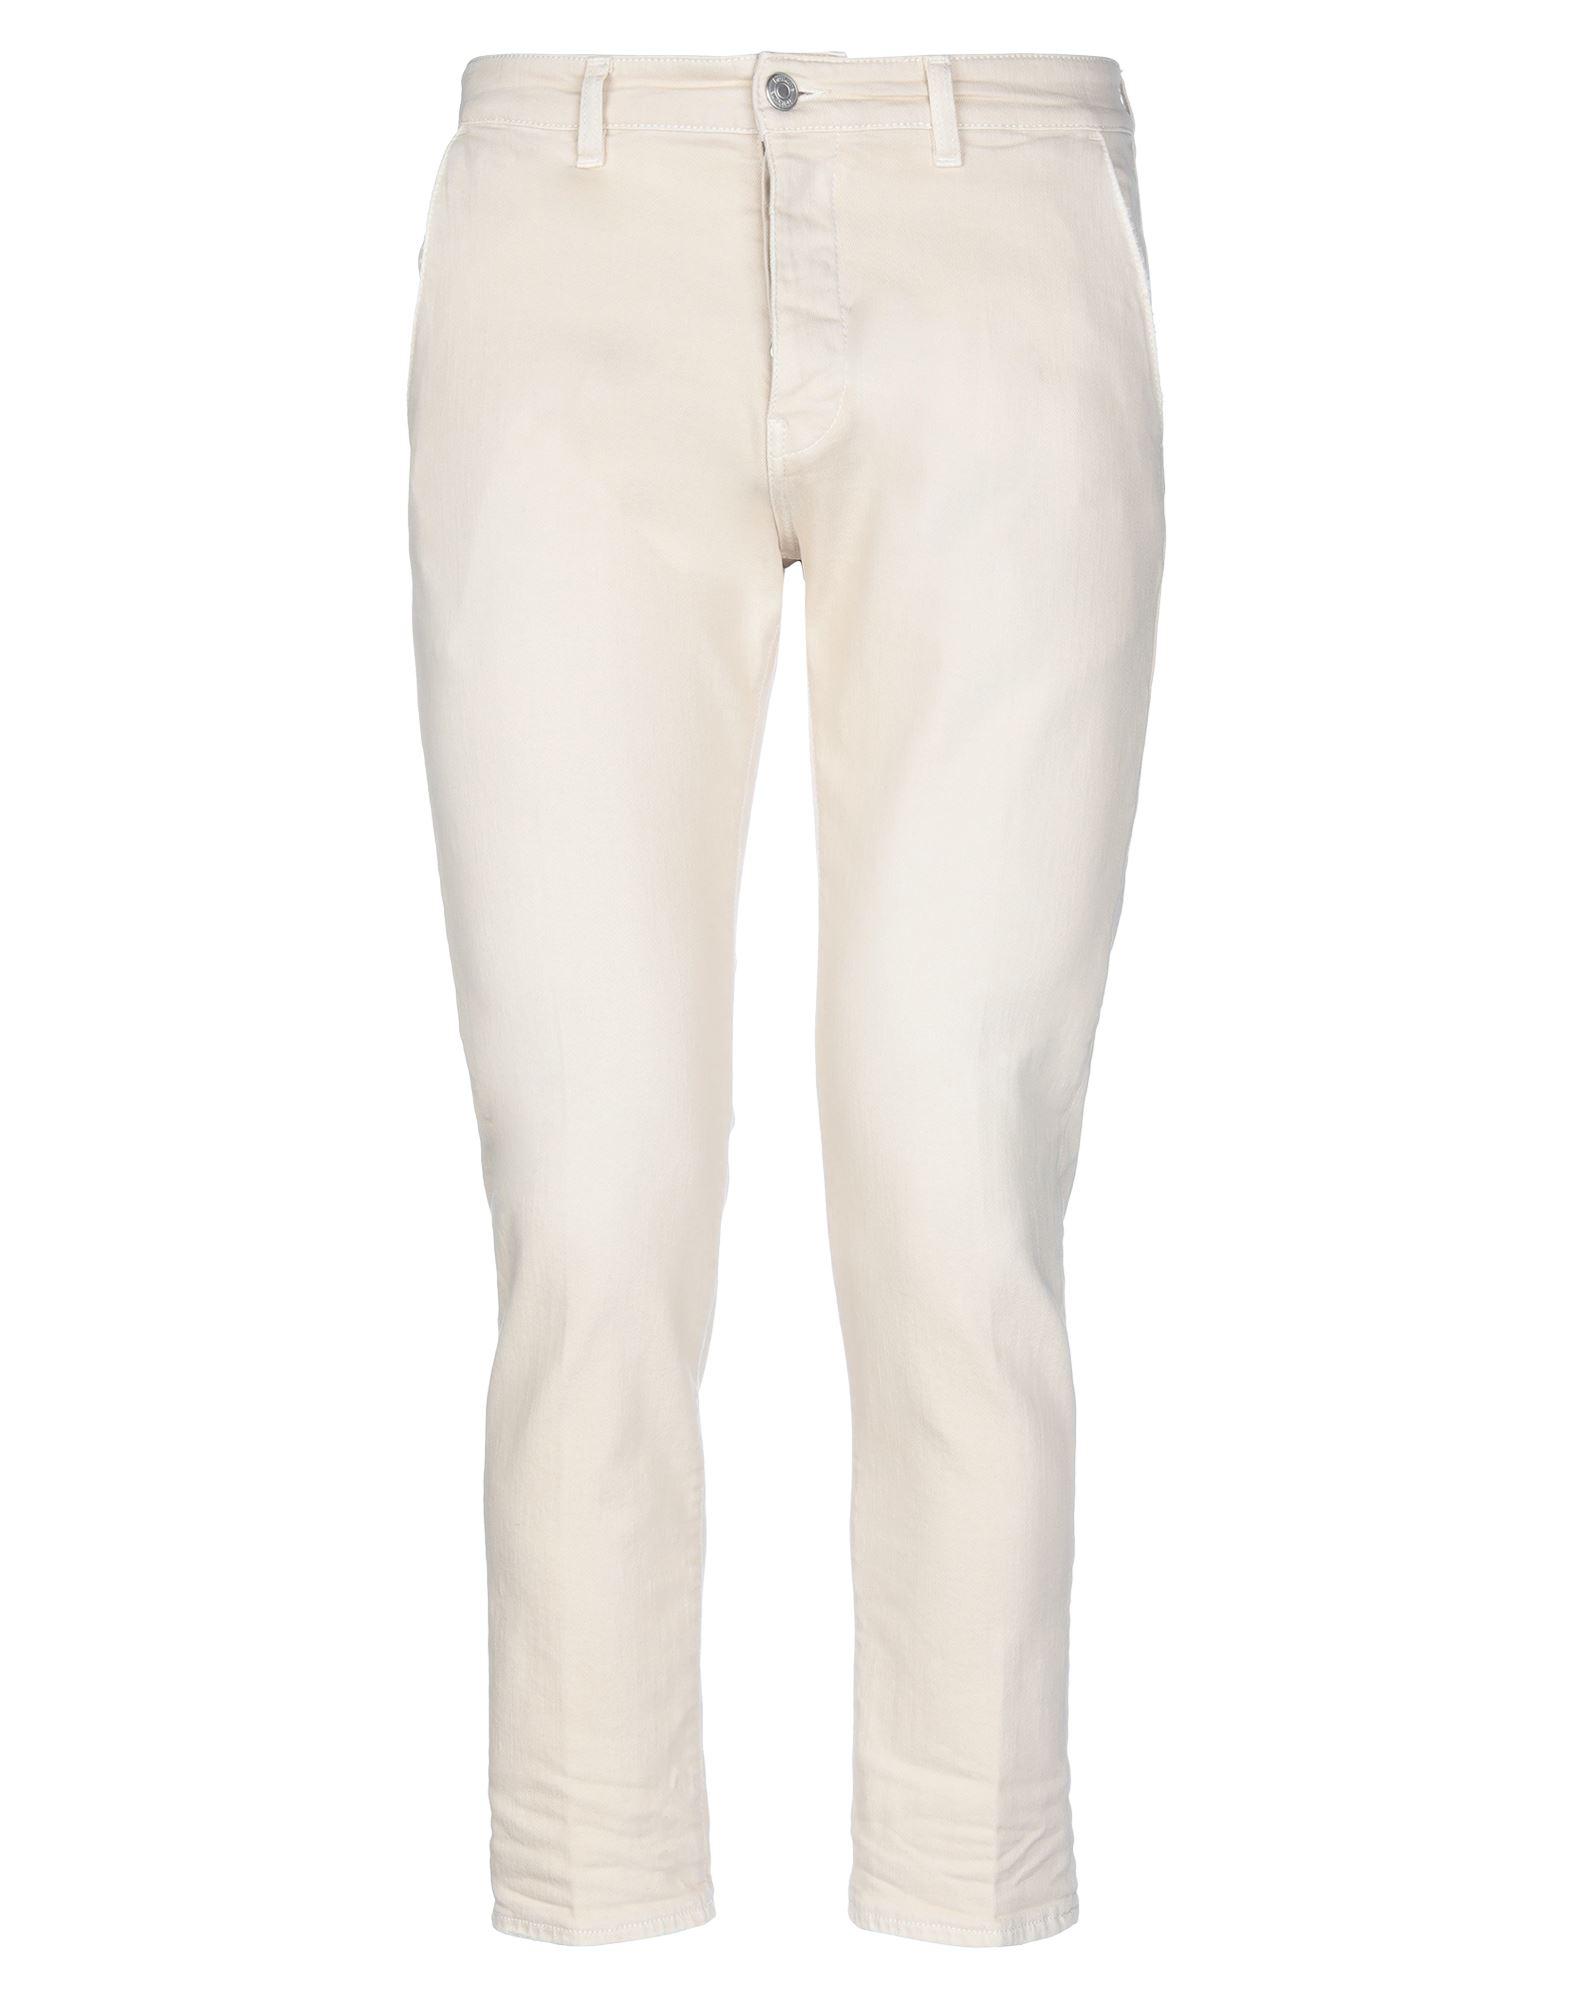 Фото - HAIKURE Джинсовые брюки haikure pубашка